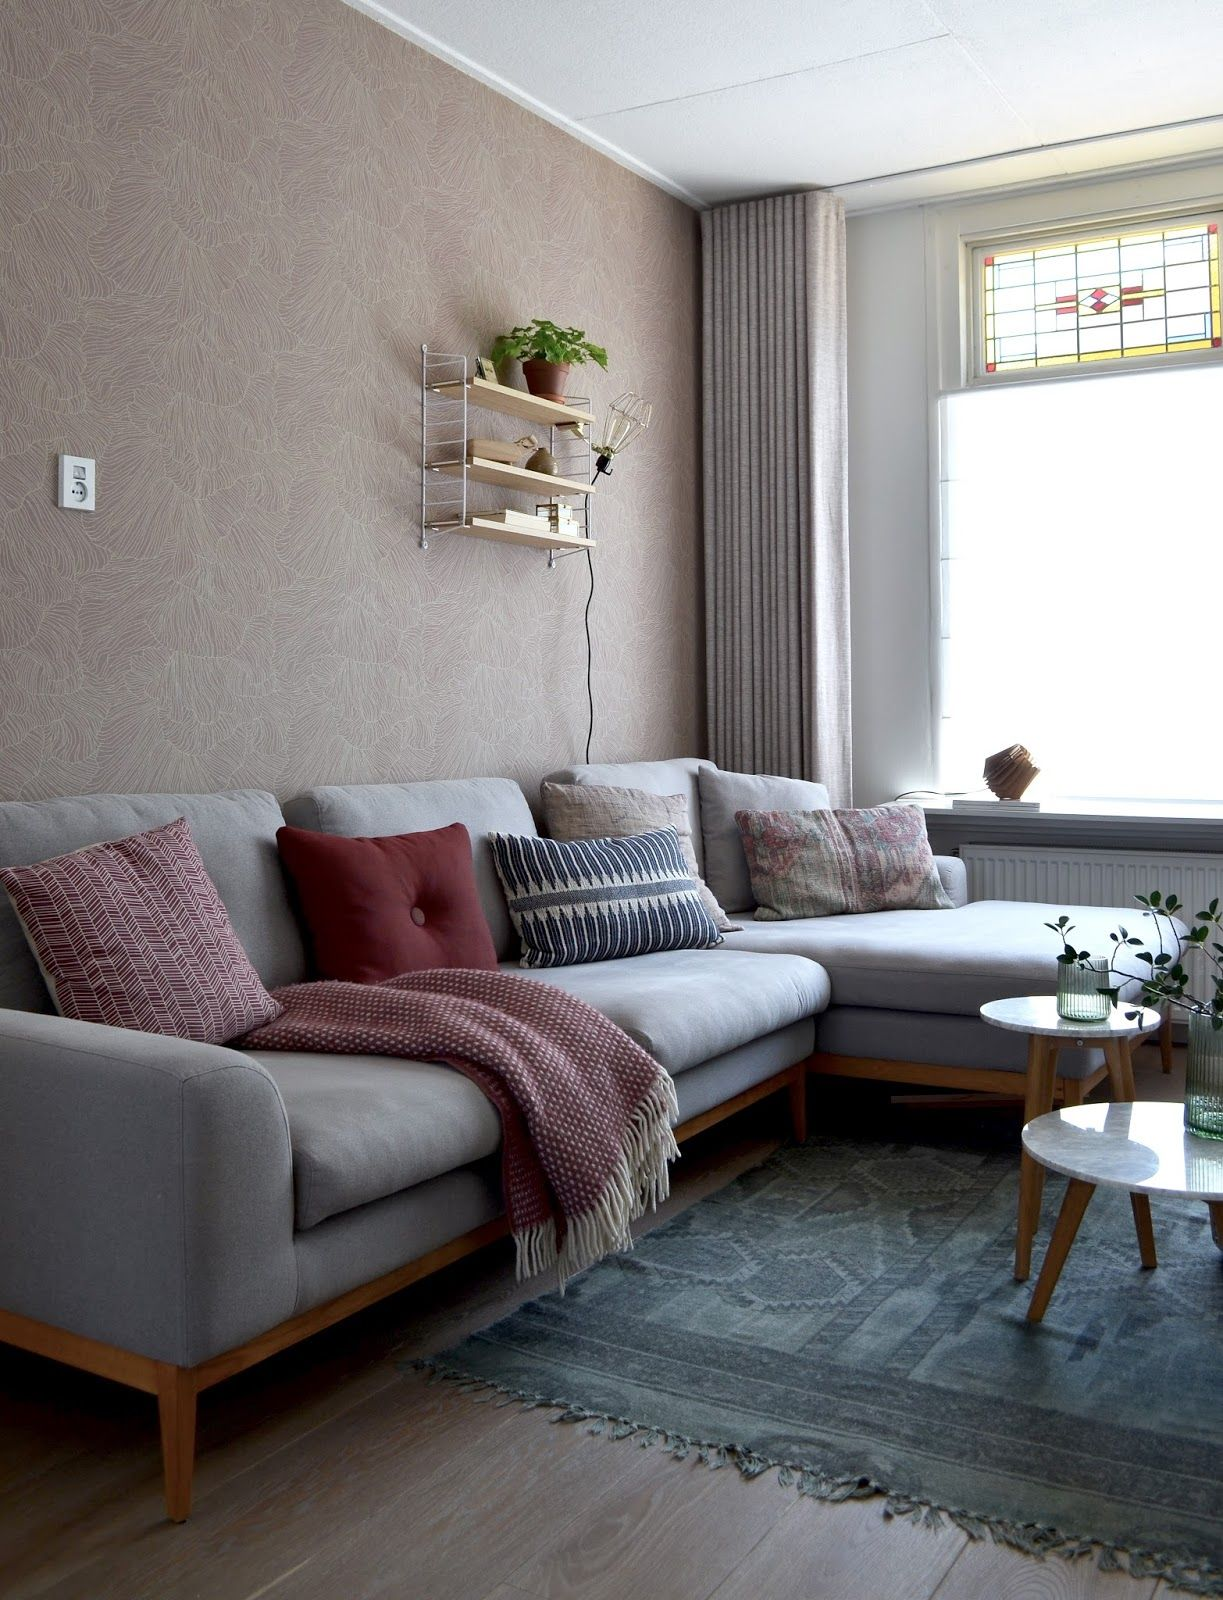 Ferm Living Coral wallpaper via MisterDesign photography and styling by Milou Nieuwenhuis van het kastje naar de muur